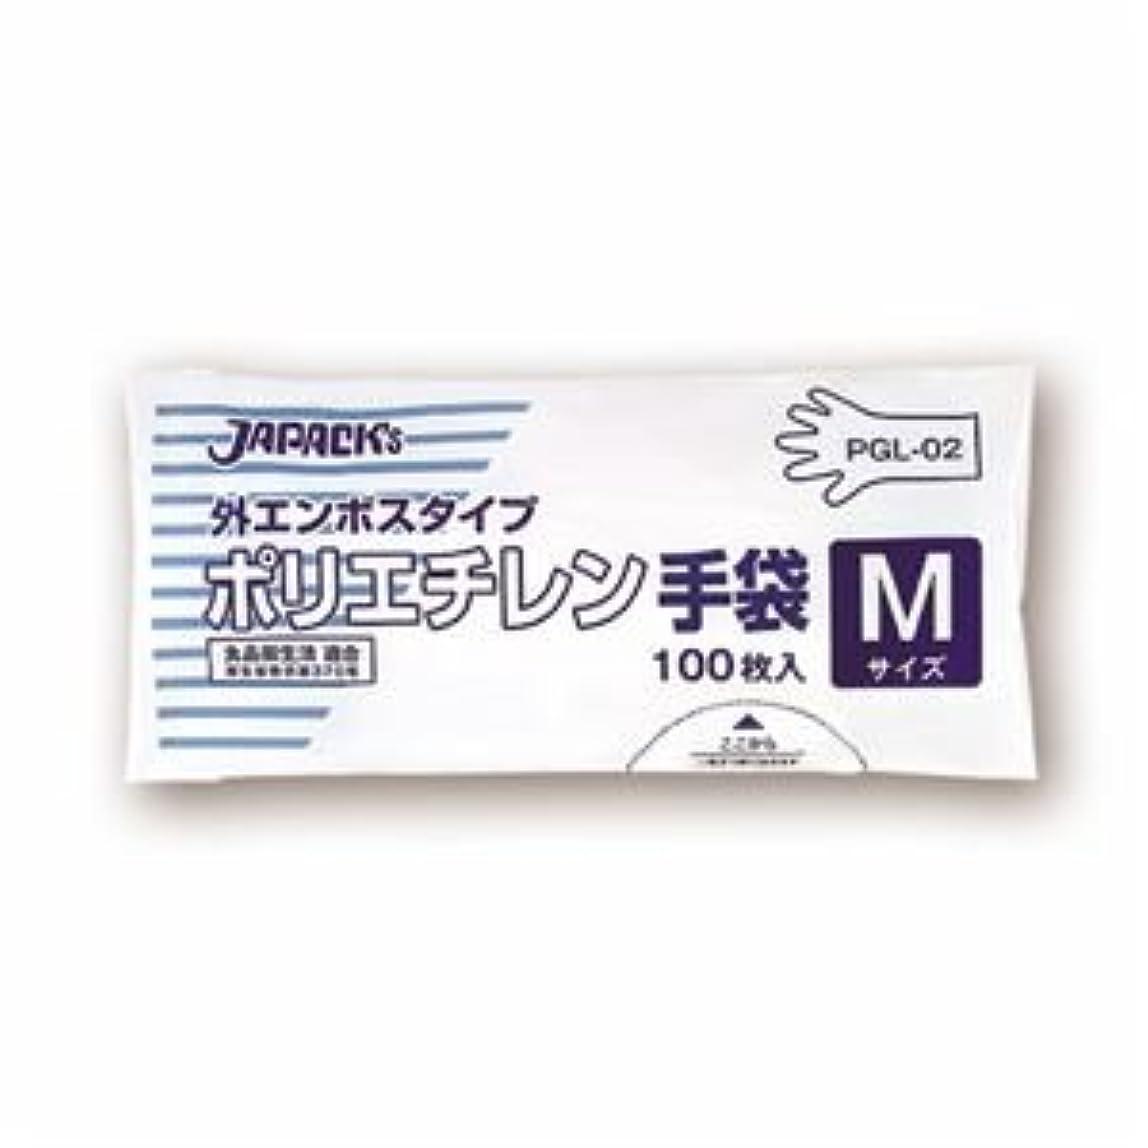 汚れる発動機炭水化物(まとめ) ジャパックス 外エンボスタイプ LDポリエチレン手袋 M PGL-02 1パック(100枚) 【×20セット】